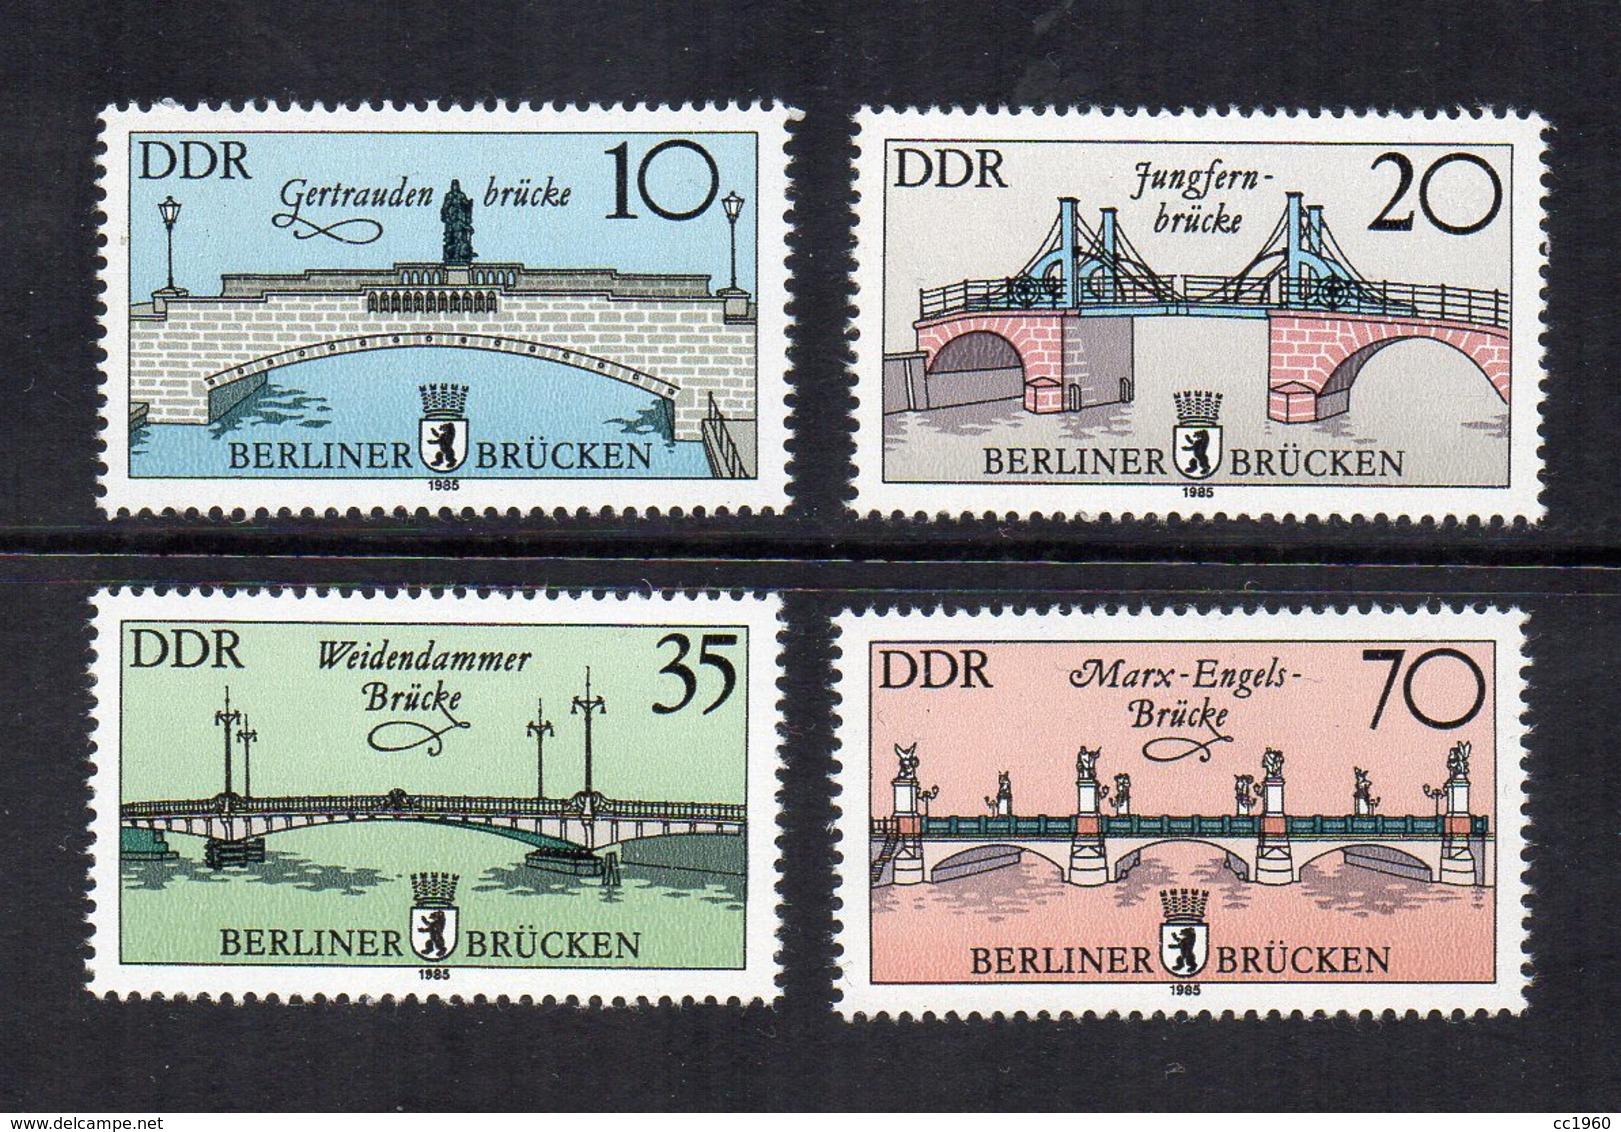 Germania - DDR - 1985 - Ponti Storici A Berlino - 4 Valori - Nuovi - (FDC12428) - [6] Repubblica Democratica